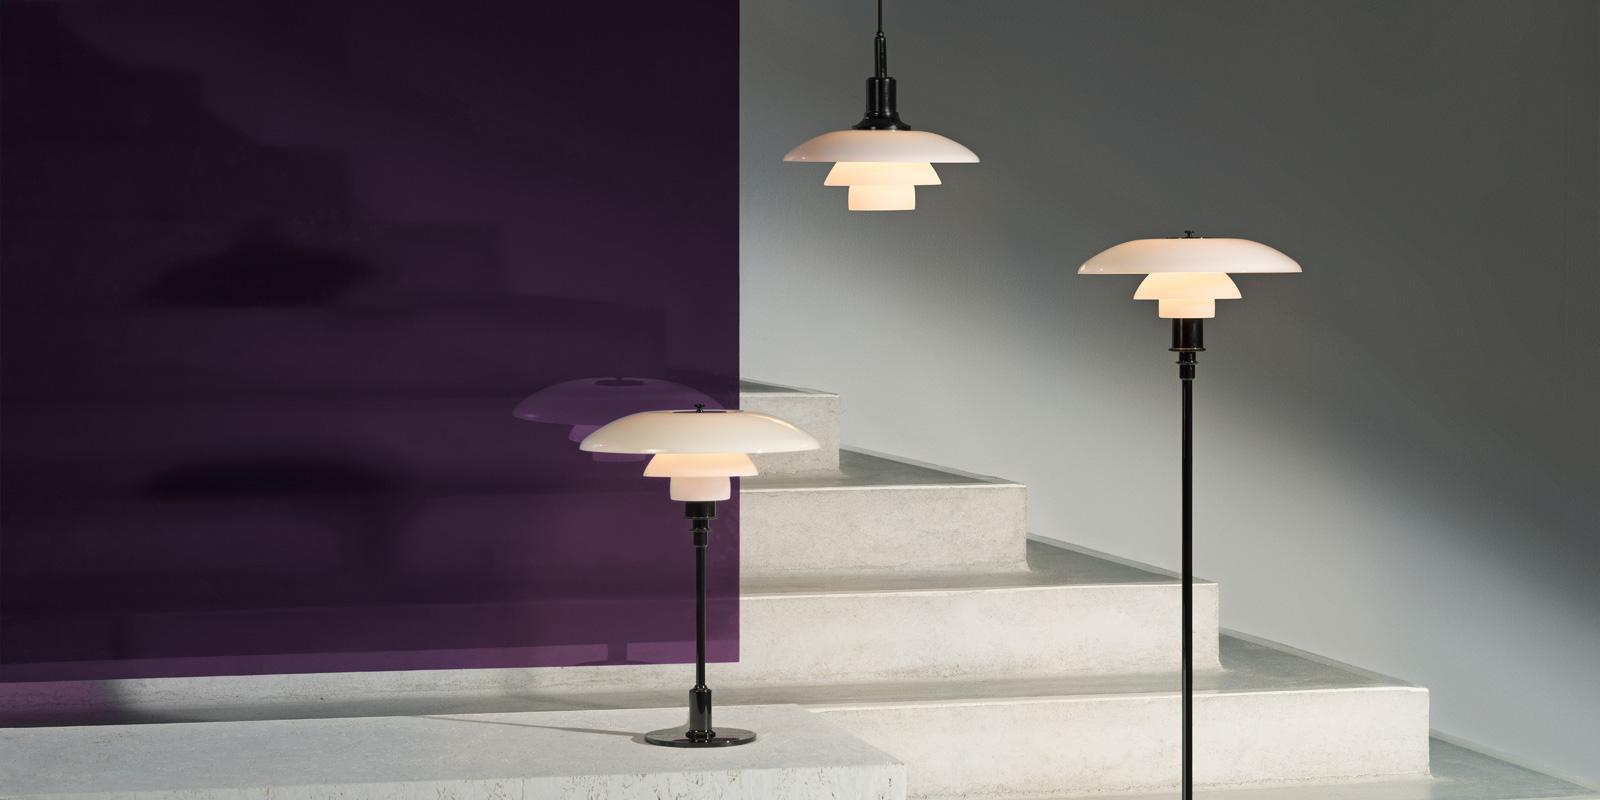 Miljøbilde av PH 3/2 og PH 2/1 bordlampe